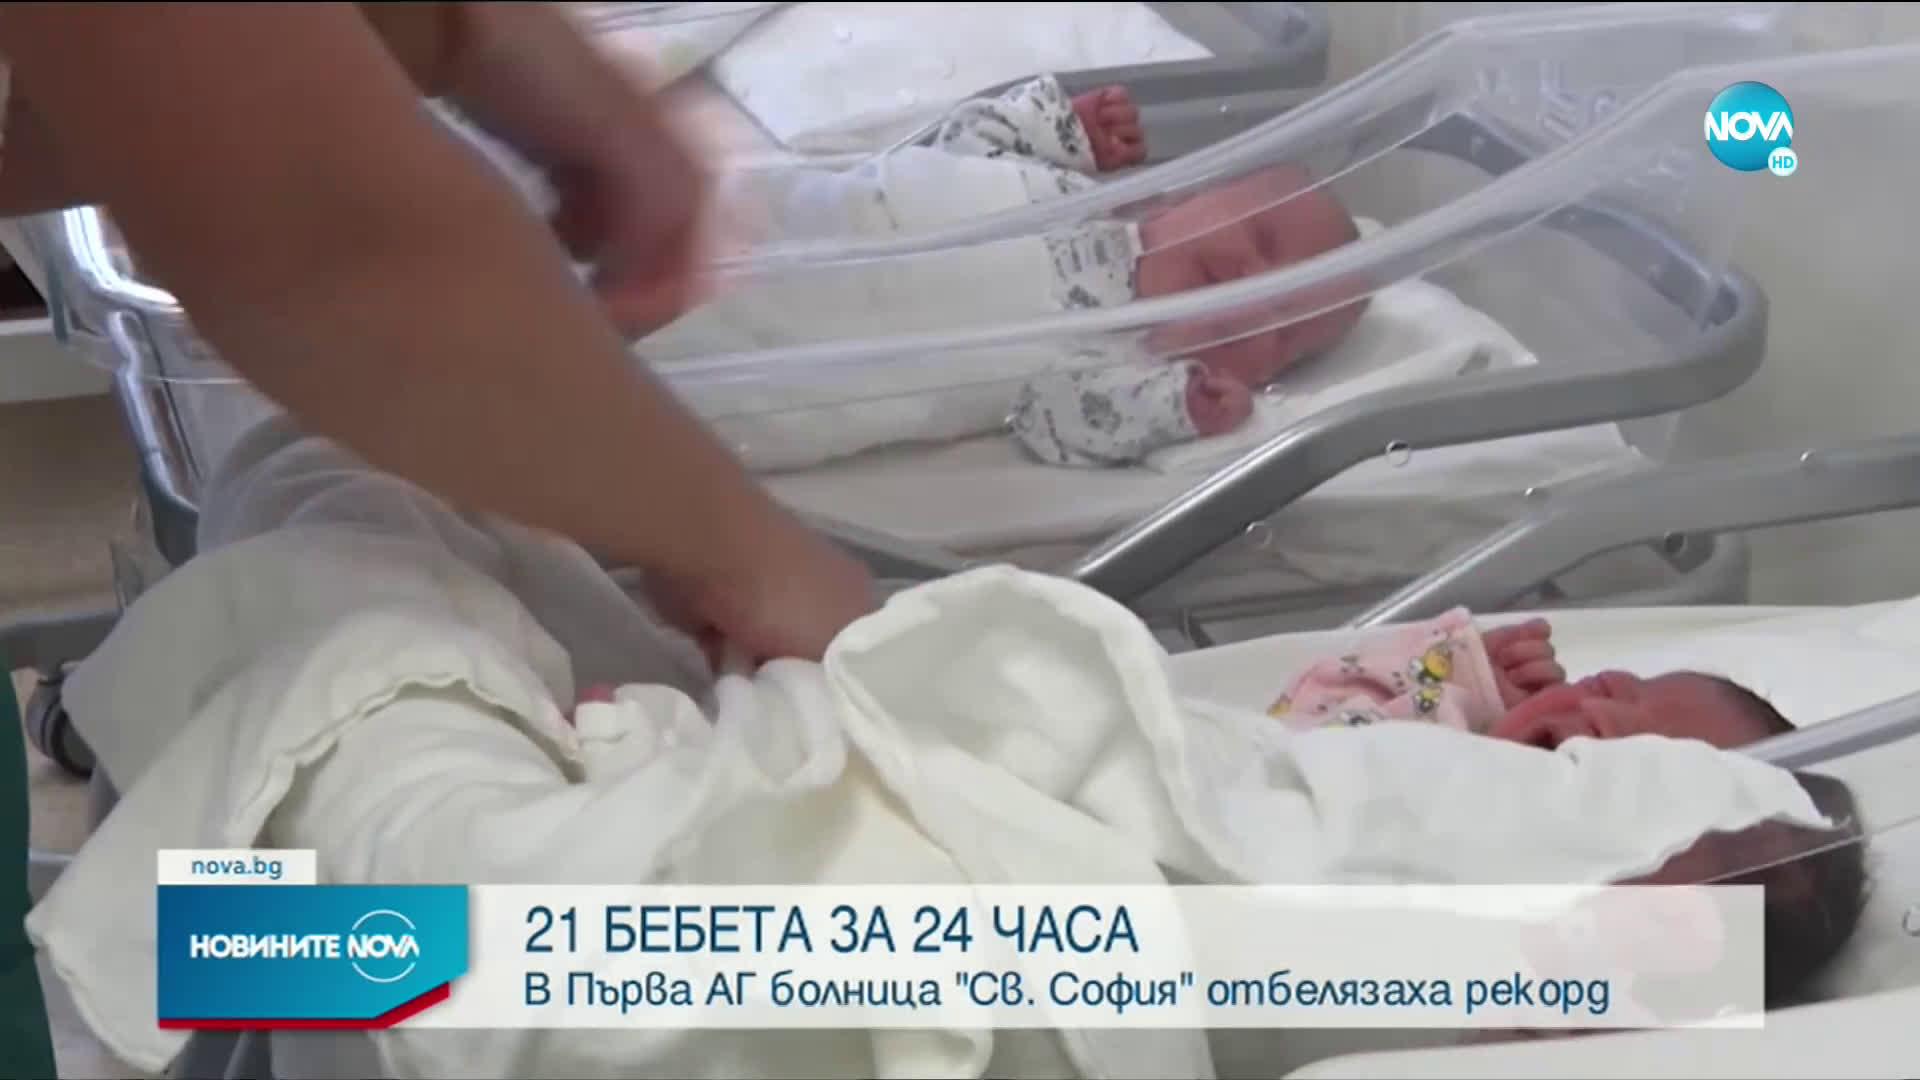 Радостен рекорд: 21 бебета се родиха за 24 часа в Първа АГ болница в София